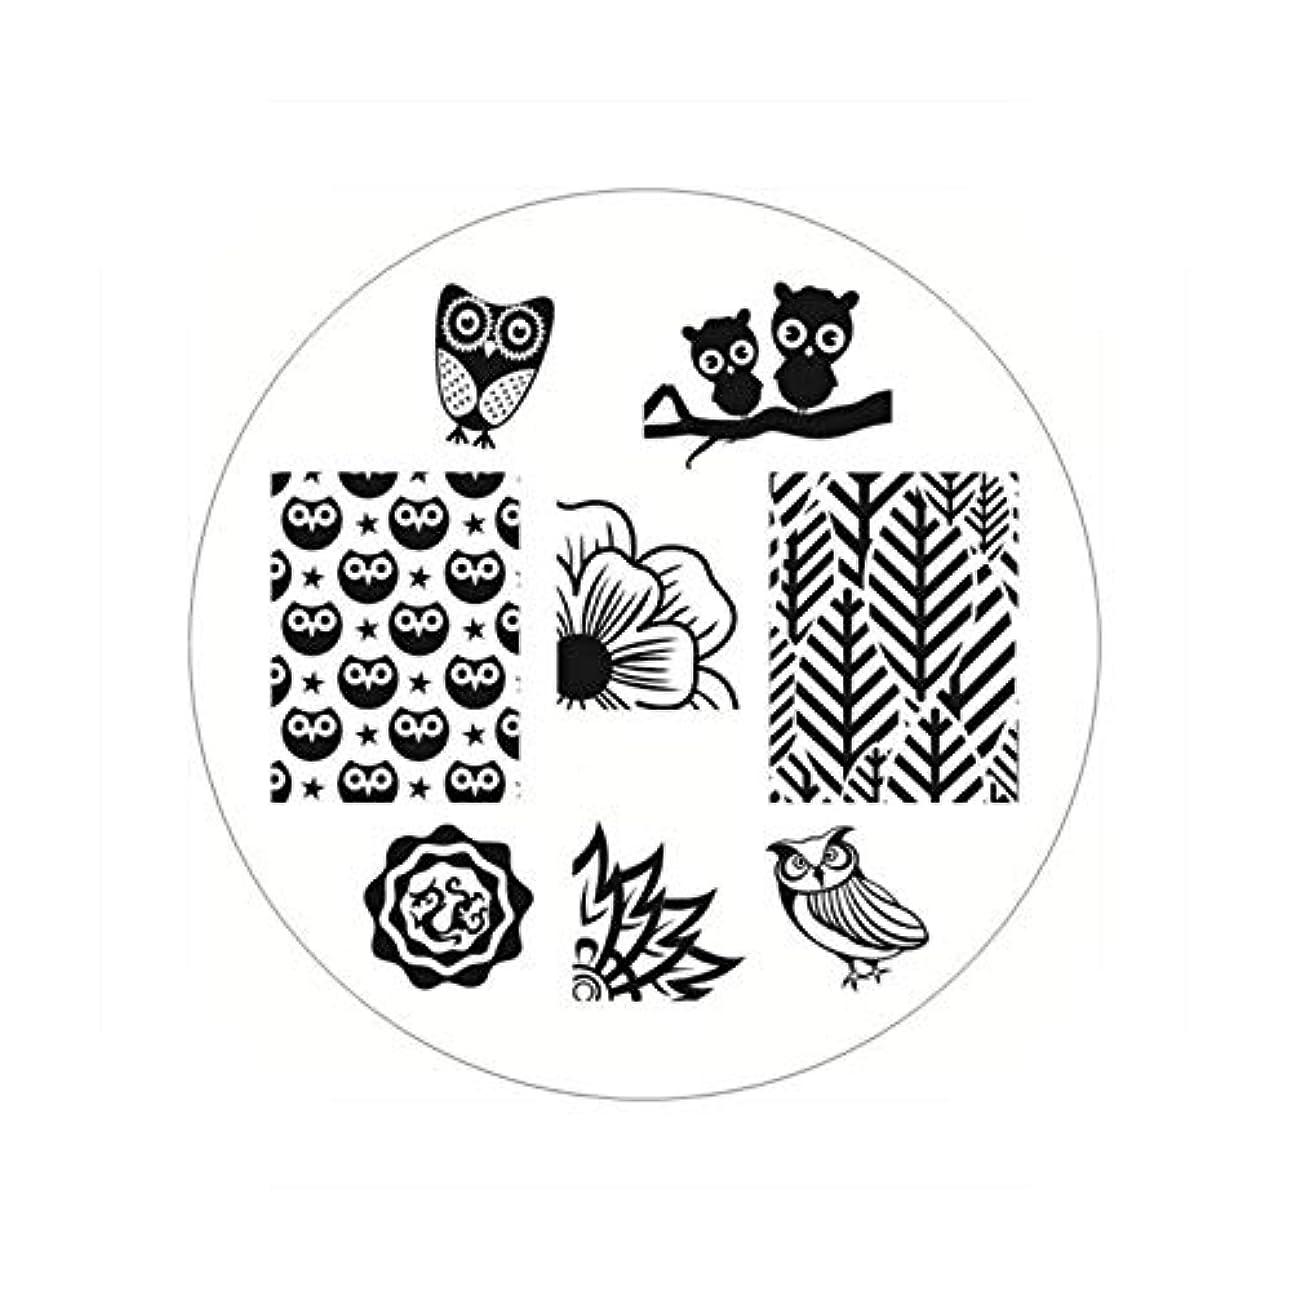 練る楽な時々時々生まれたかわいい長方形のネイルスタンピングプレートラインネイルアートイメージスタンプテンプレートステンシル芸術的な夏のテーマ,BP54